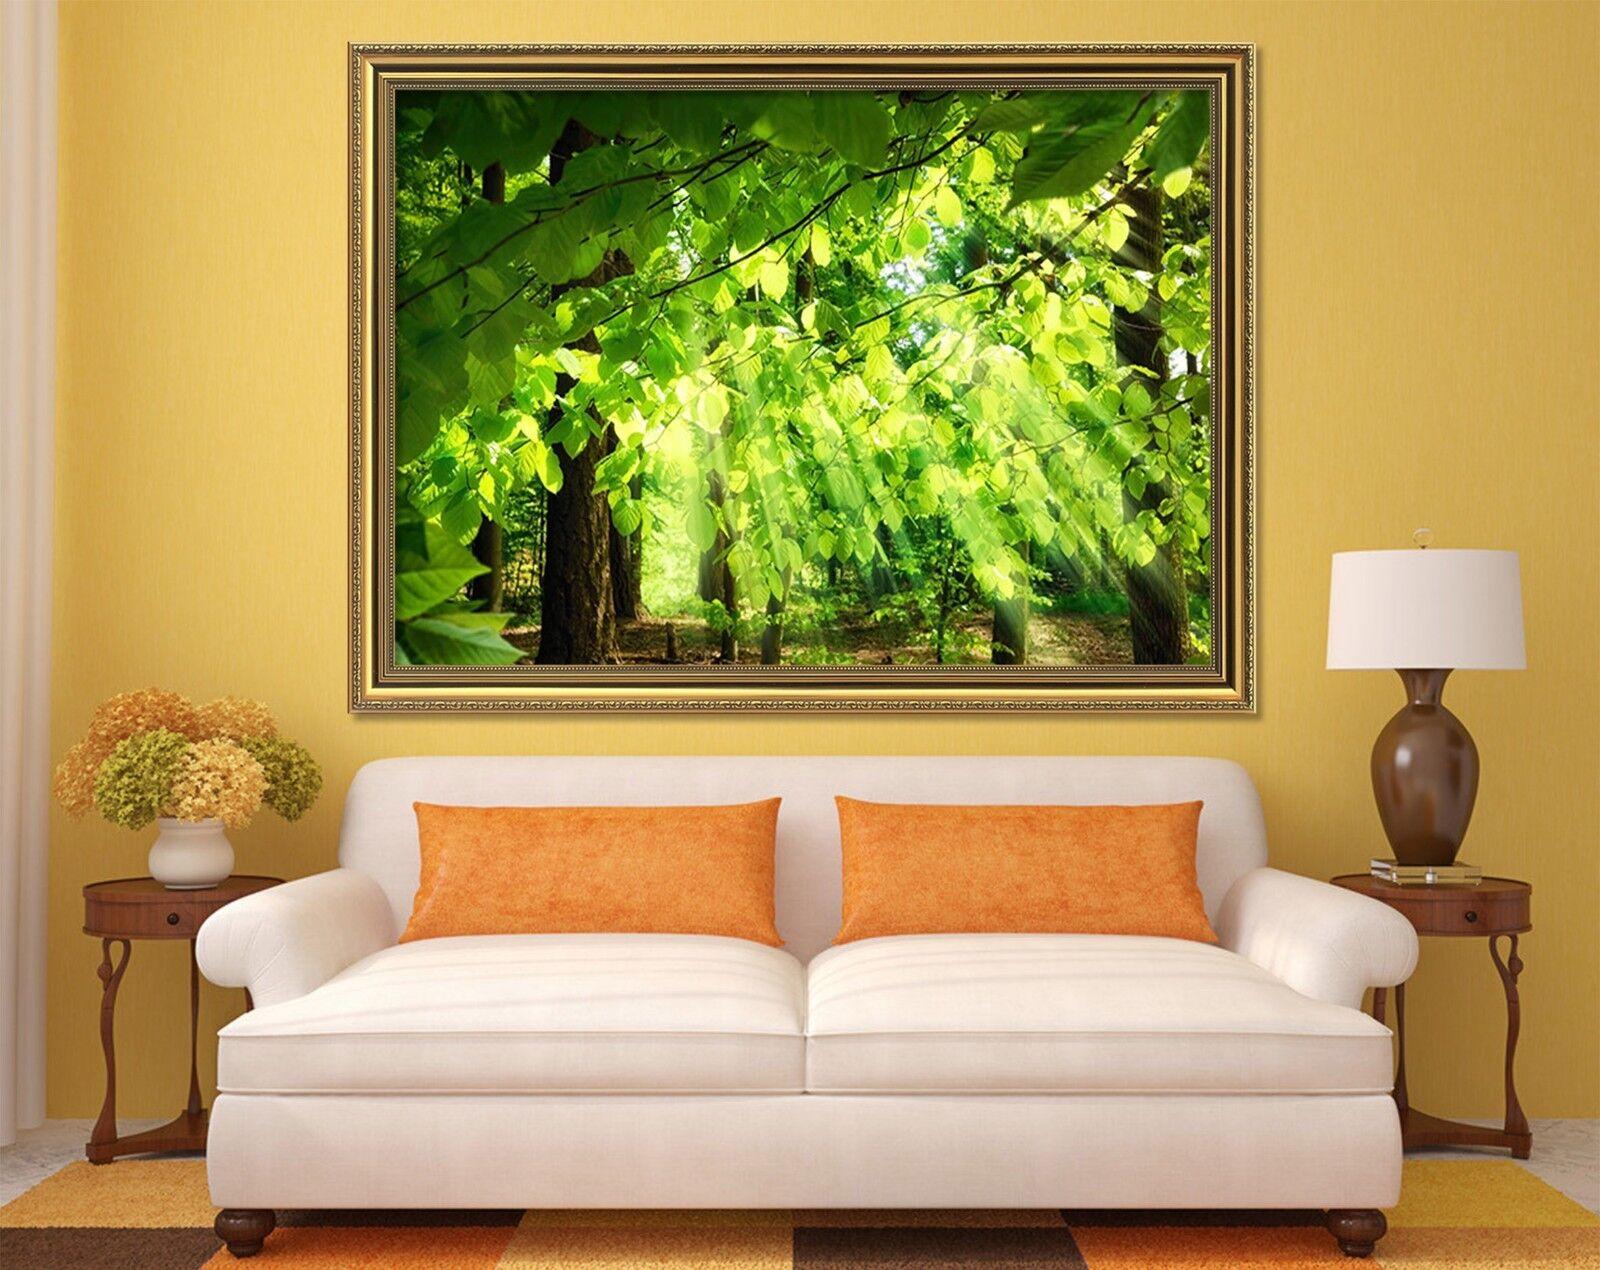 3D Grün Leaves Sunlight 2 Framed Poster Home Decor Drucken Painting Kunst WandPapier